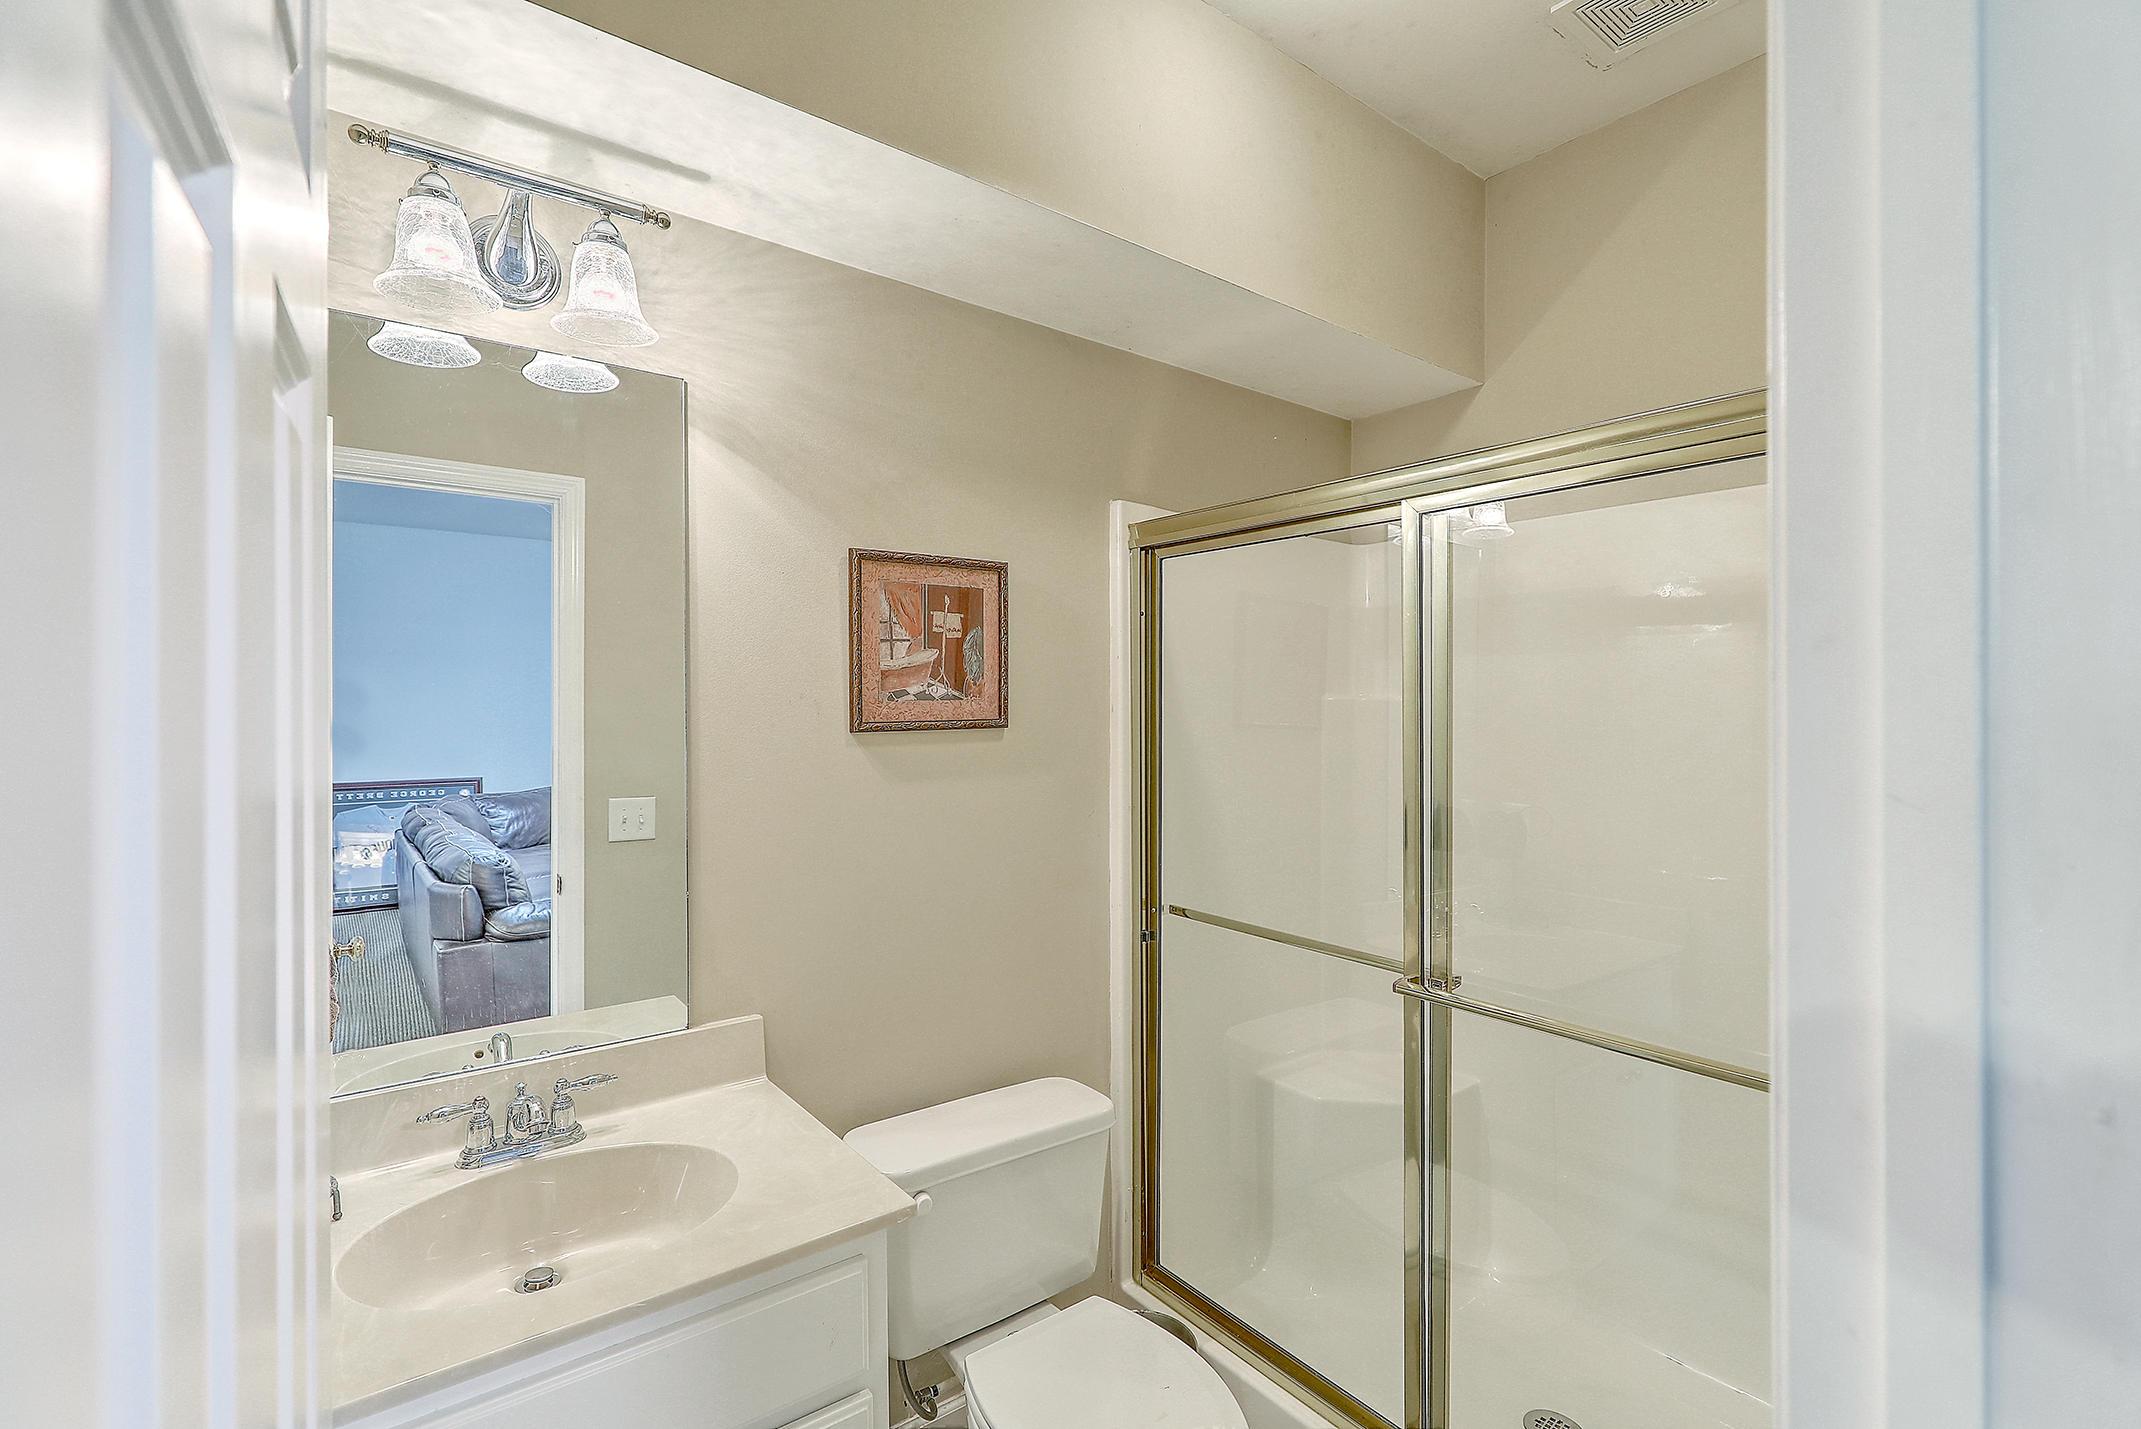 Dunes West Homes For Sale - 129 Palm Cove, Mount Pleasant, SC - 32